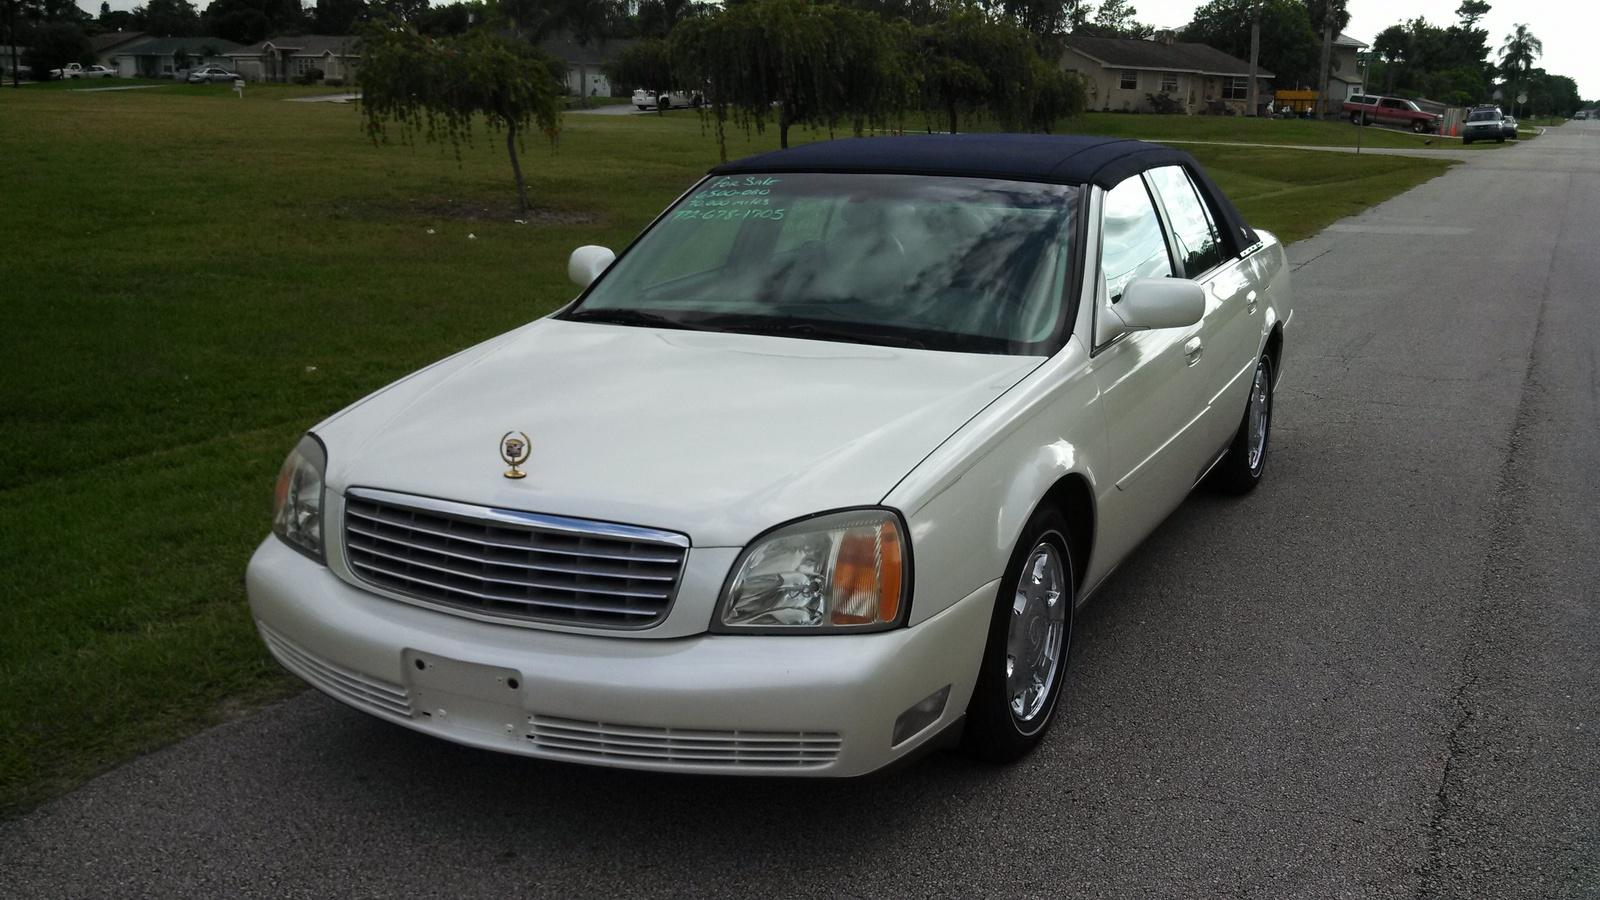 2001 Cadillac Deville Pictures Cargurus